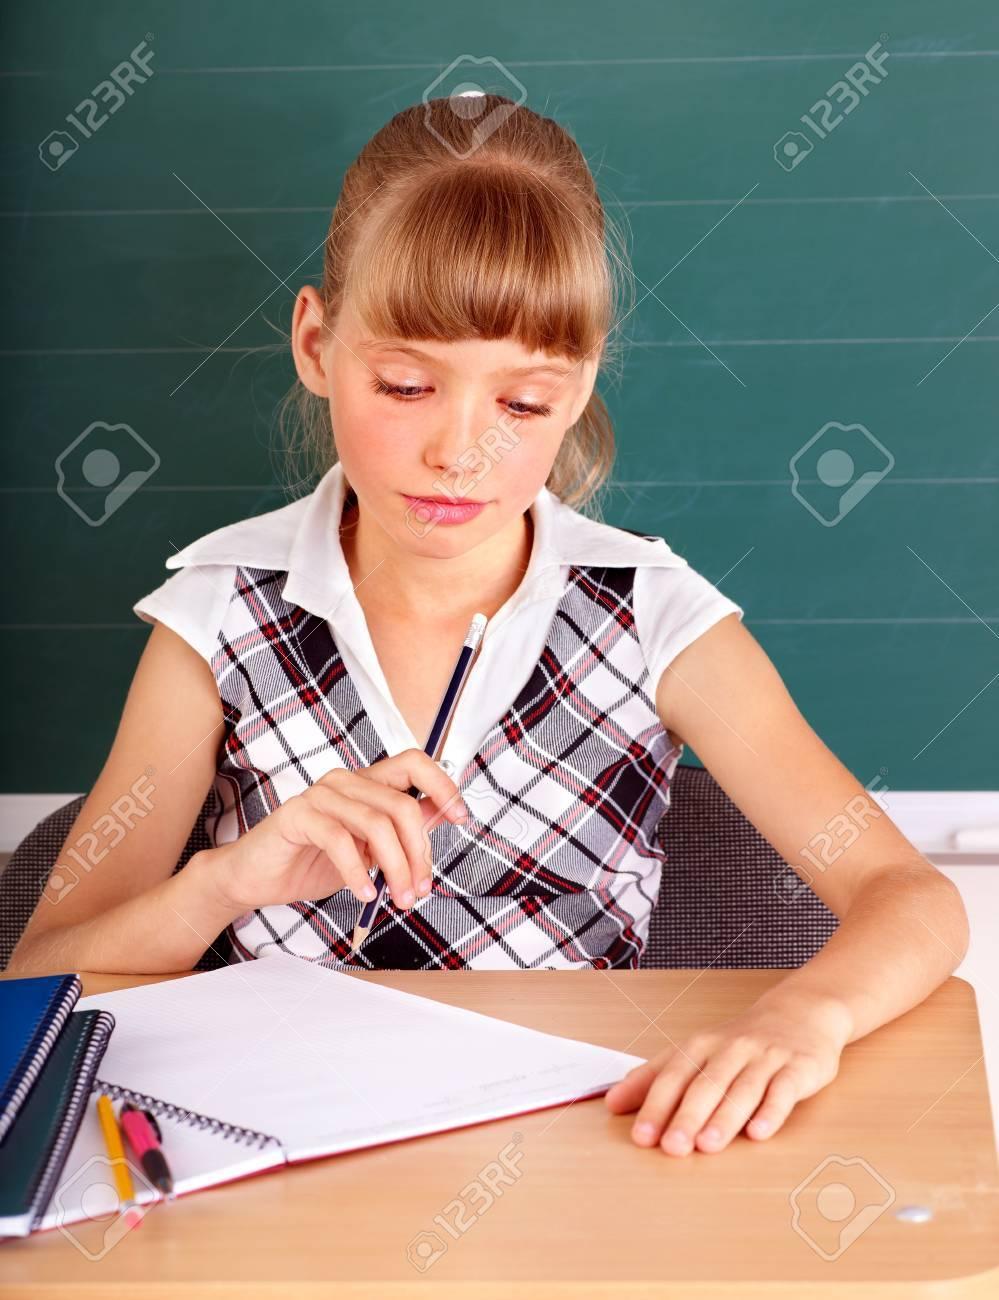 Happy schoolchild in classroom near blackboard. Stock Photo - 12340878